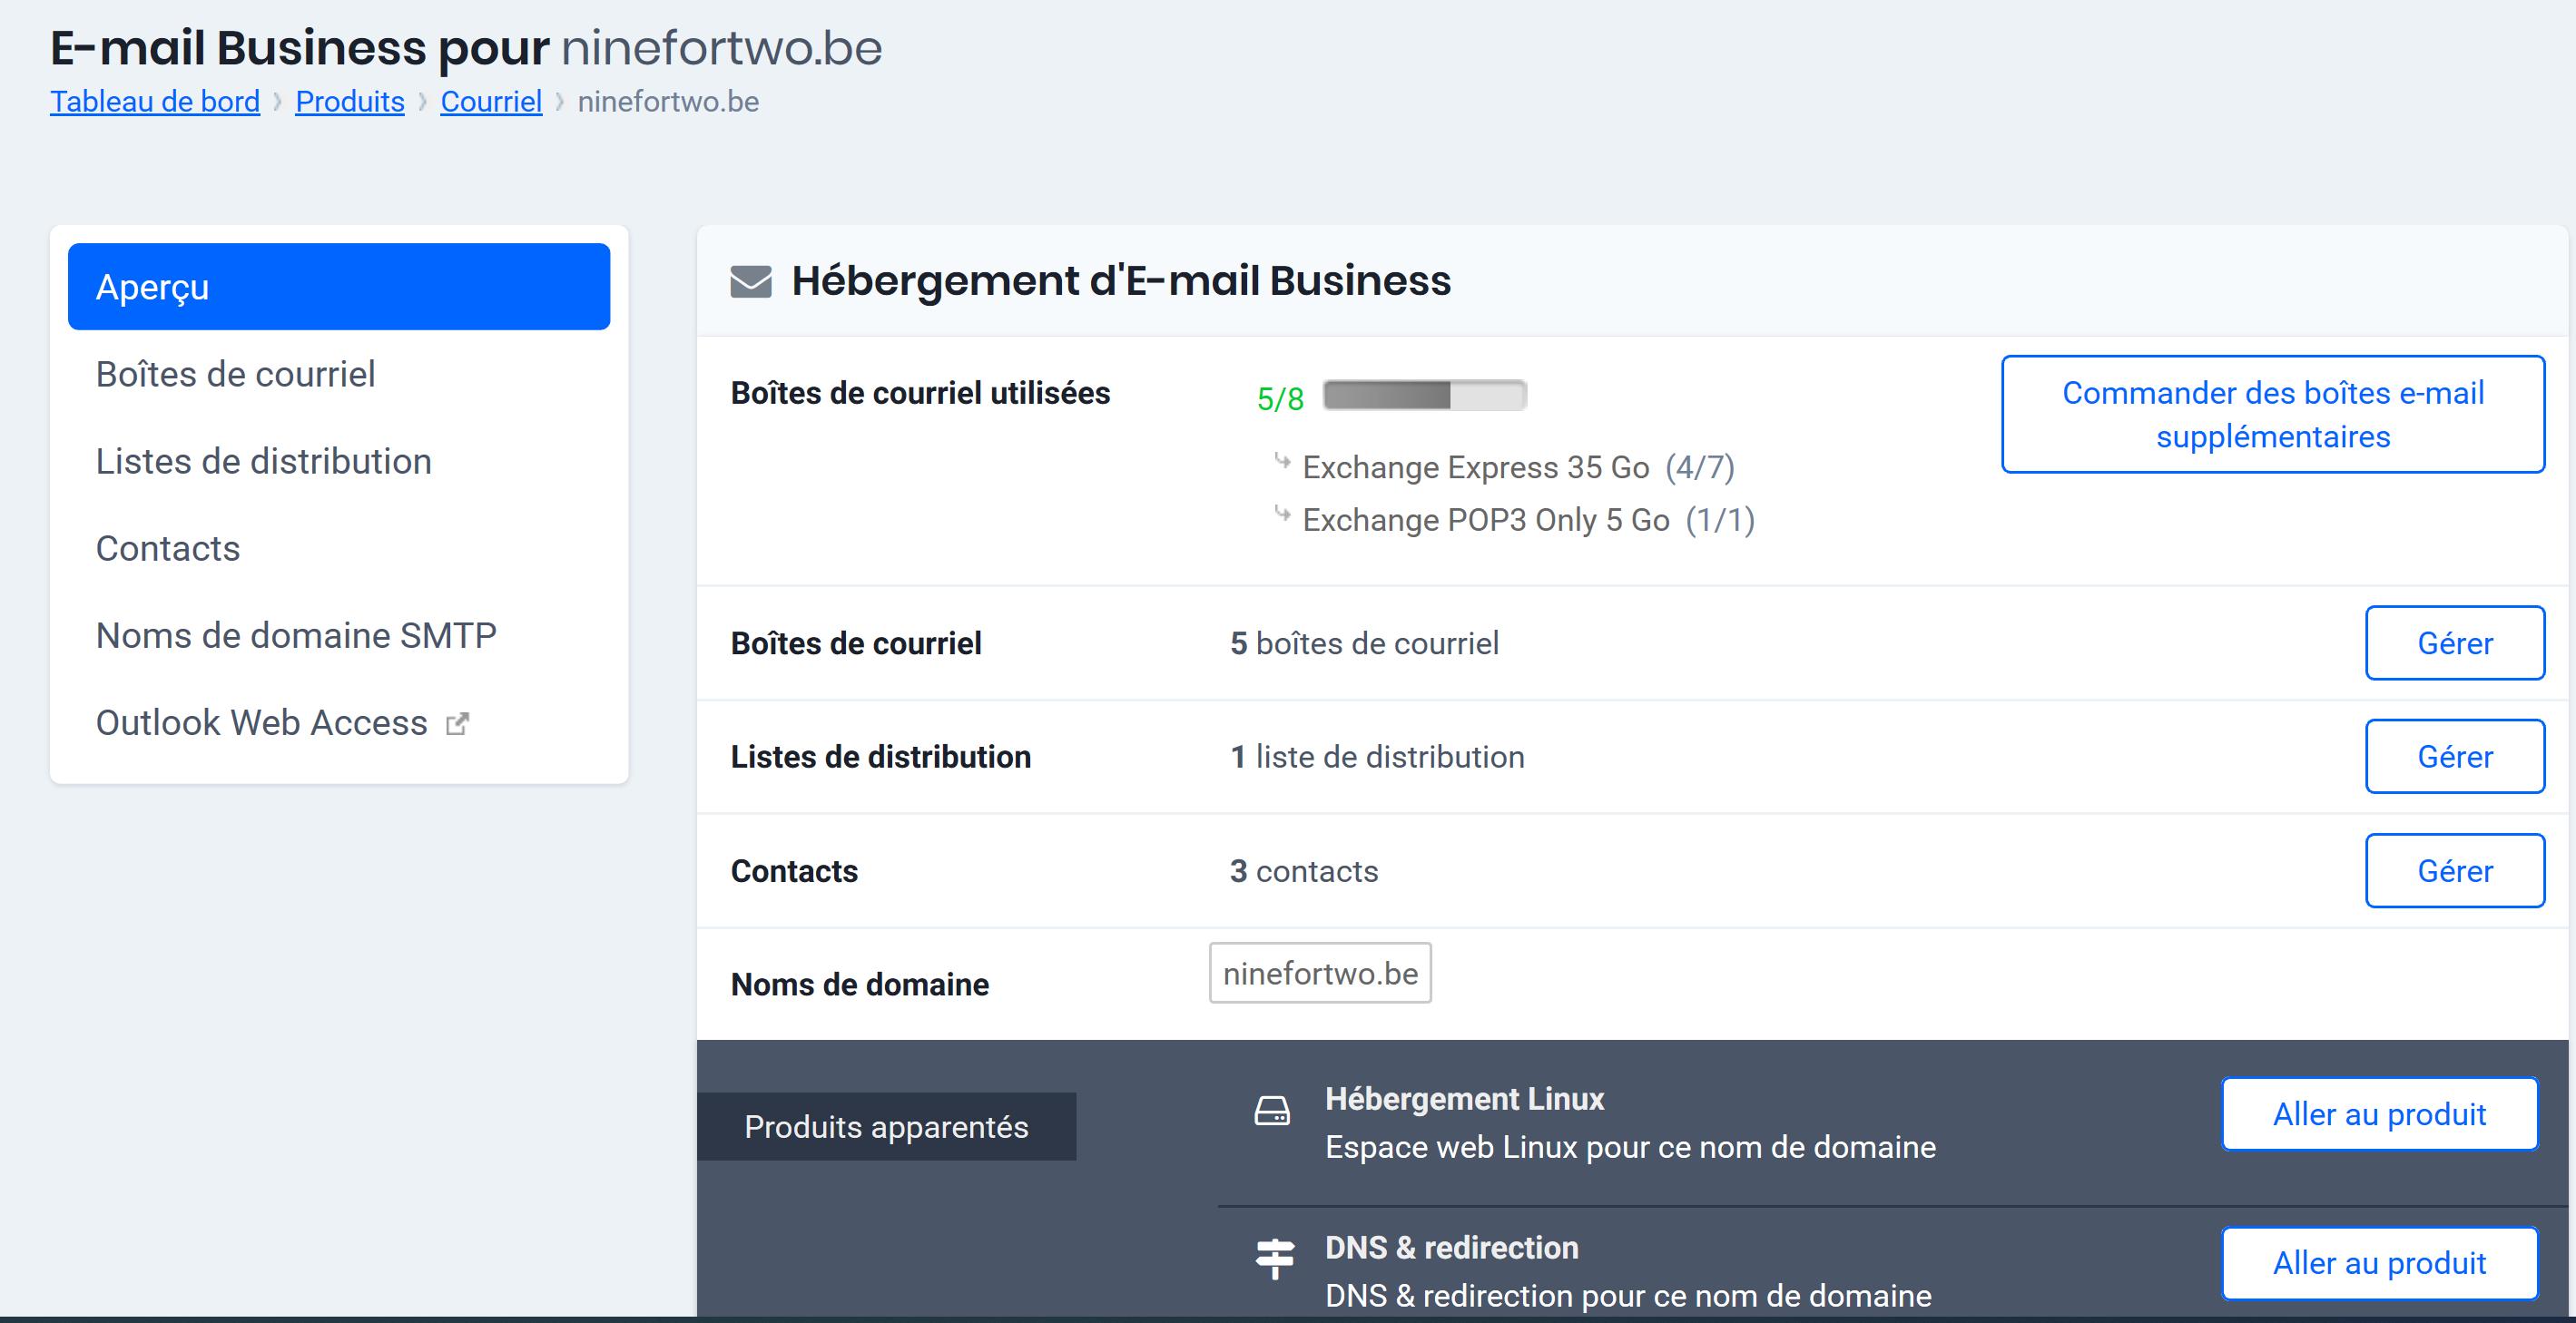 Cliquez sur Outlook Web Access